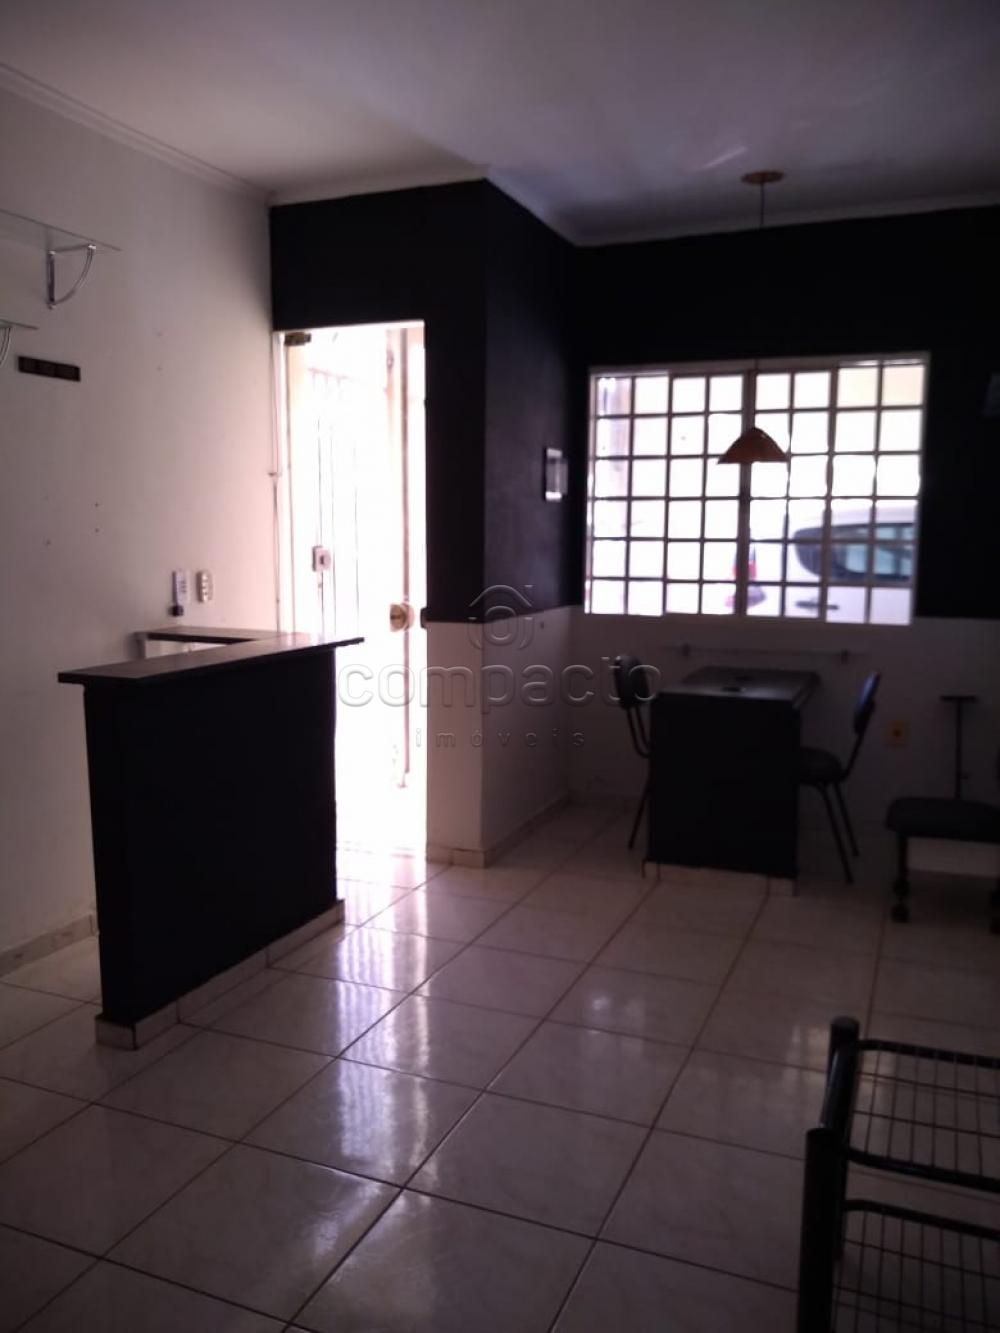 Alugar Casa / Padrão em São José do Rio Preto apenas R$ 1.600,00 - Foto 1